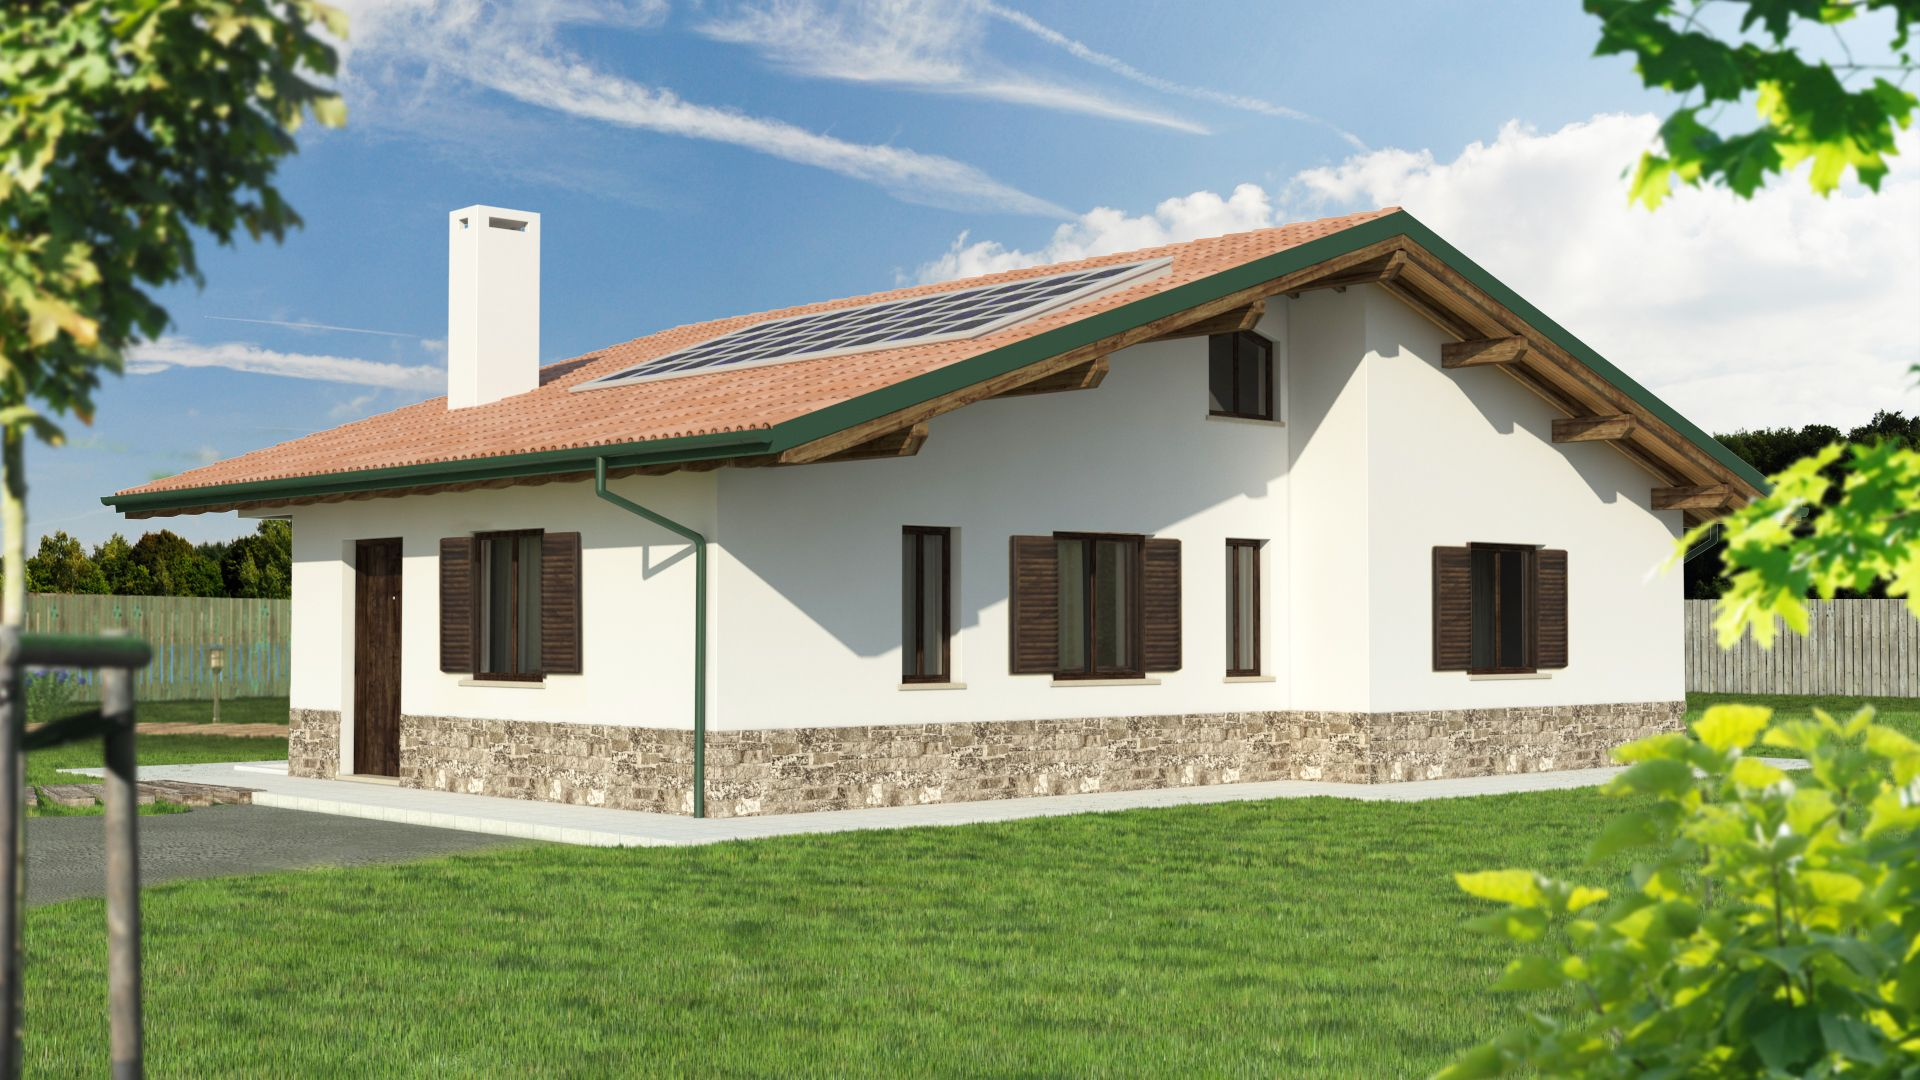 Progetto casa in legno bipiano urb16 da 110 metri quadrati for Piani di progettazione domestica con foto